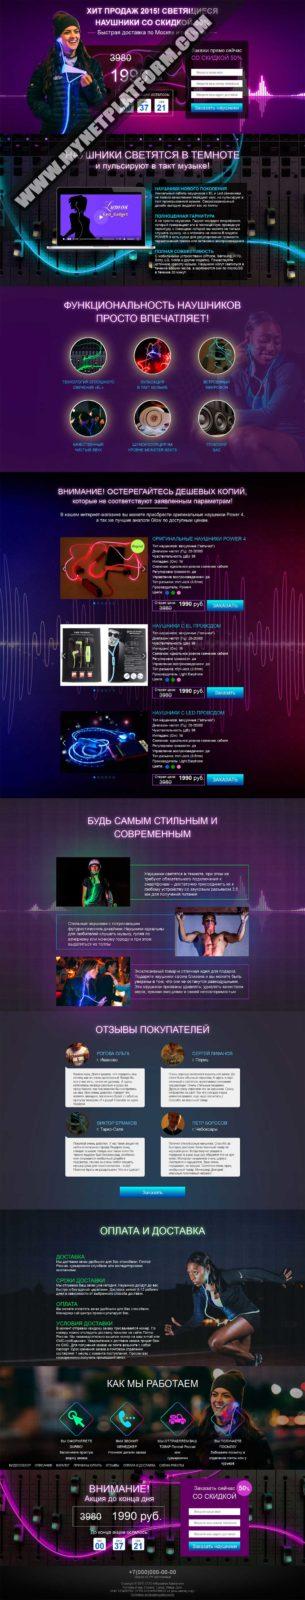 Скриншот лендинга Светящиеся наушники Glow stereo 003